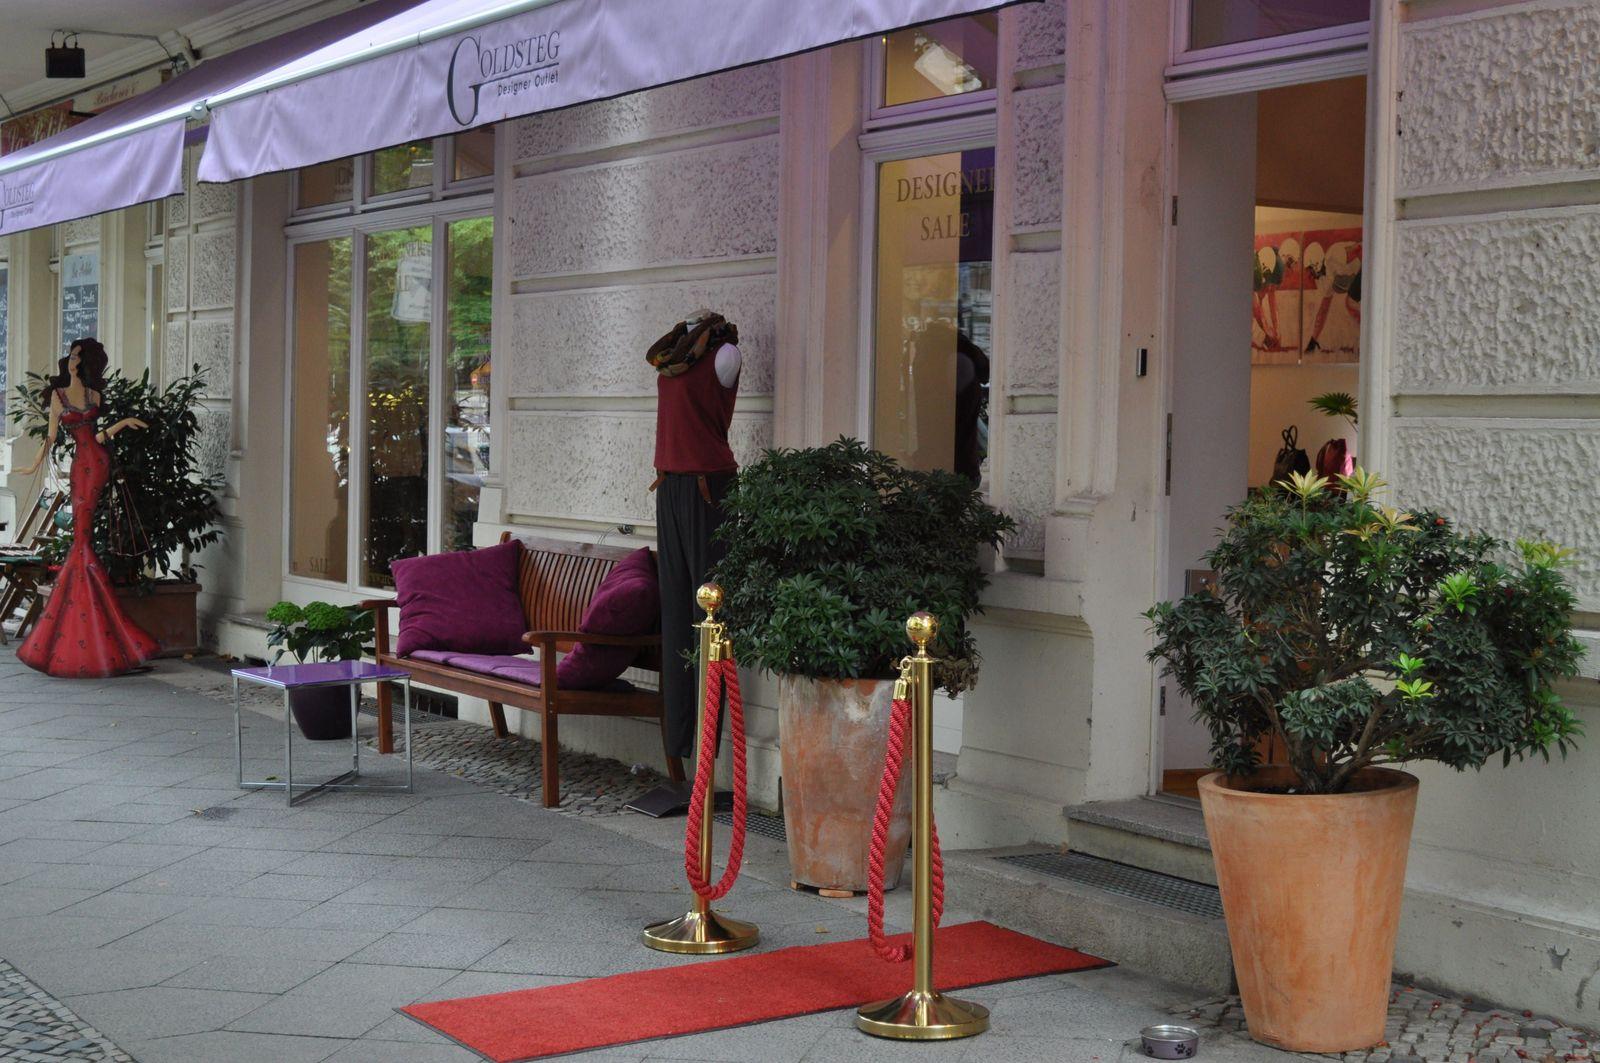 GOLDSTEG Designer Outlet in Berlin (Bild 5)